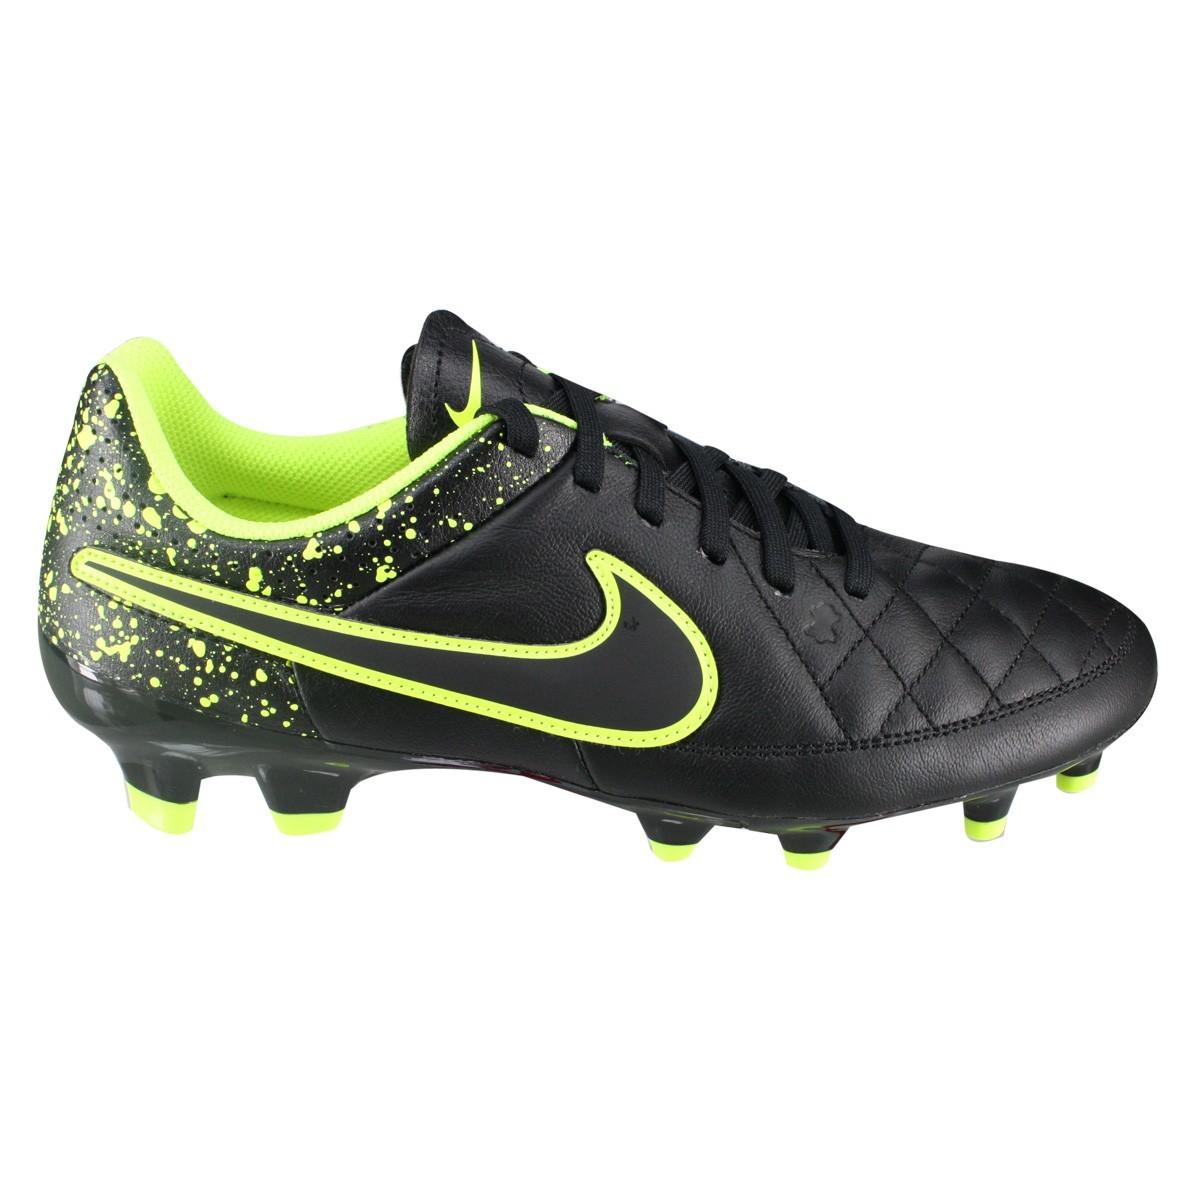 d307545a24050 Chuteira Futebol de Campo Nike 631282-010 - Preto/verde   Bizz Store